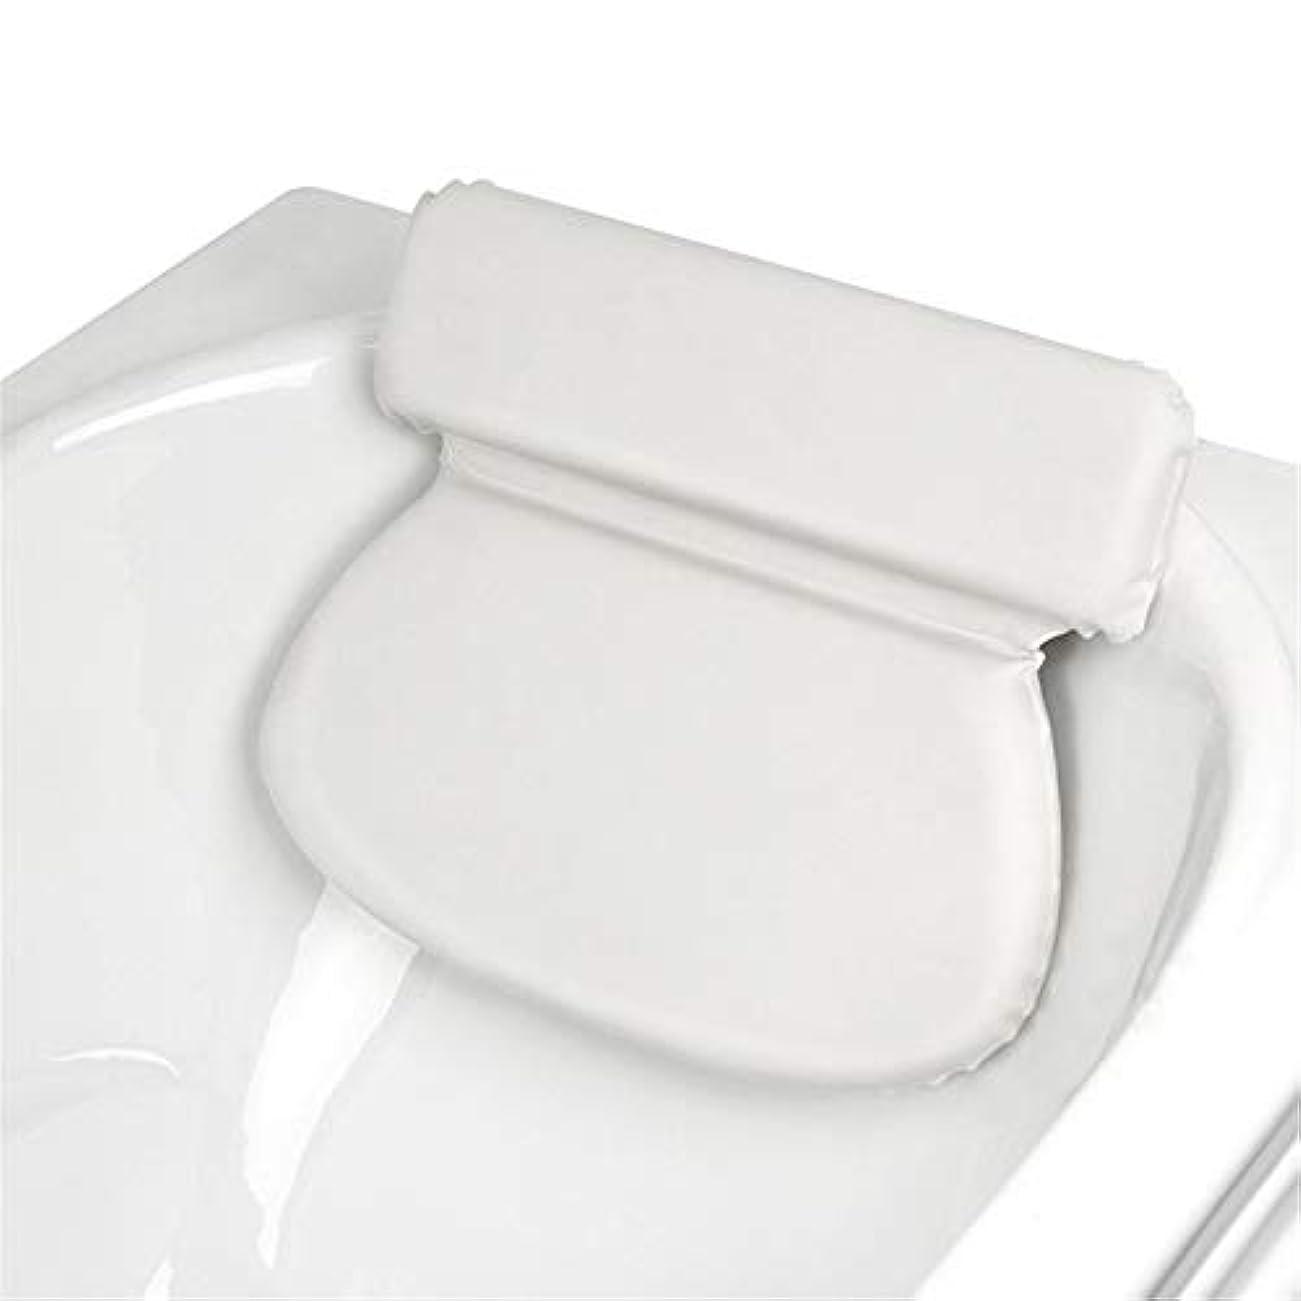 敬礼ペニー午後浴槽枕 スパ風呂枕首肩のサポートスリップ余分な厚さは、リラックス体験を提供します バスルーム枕 (色 : 2 pack White)